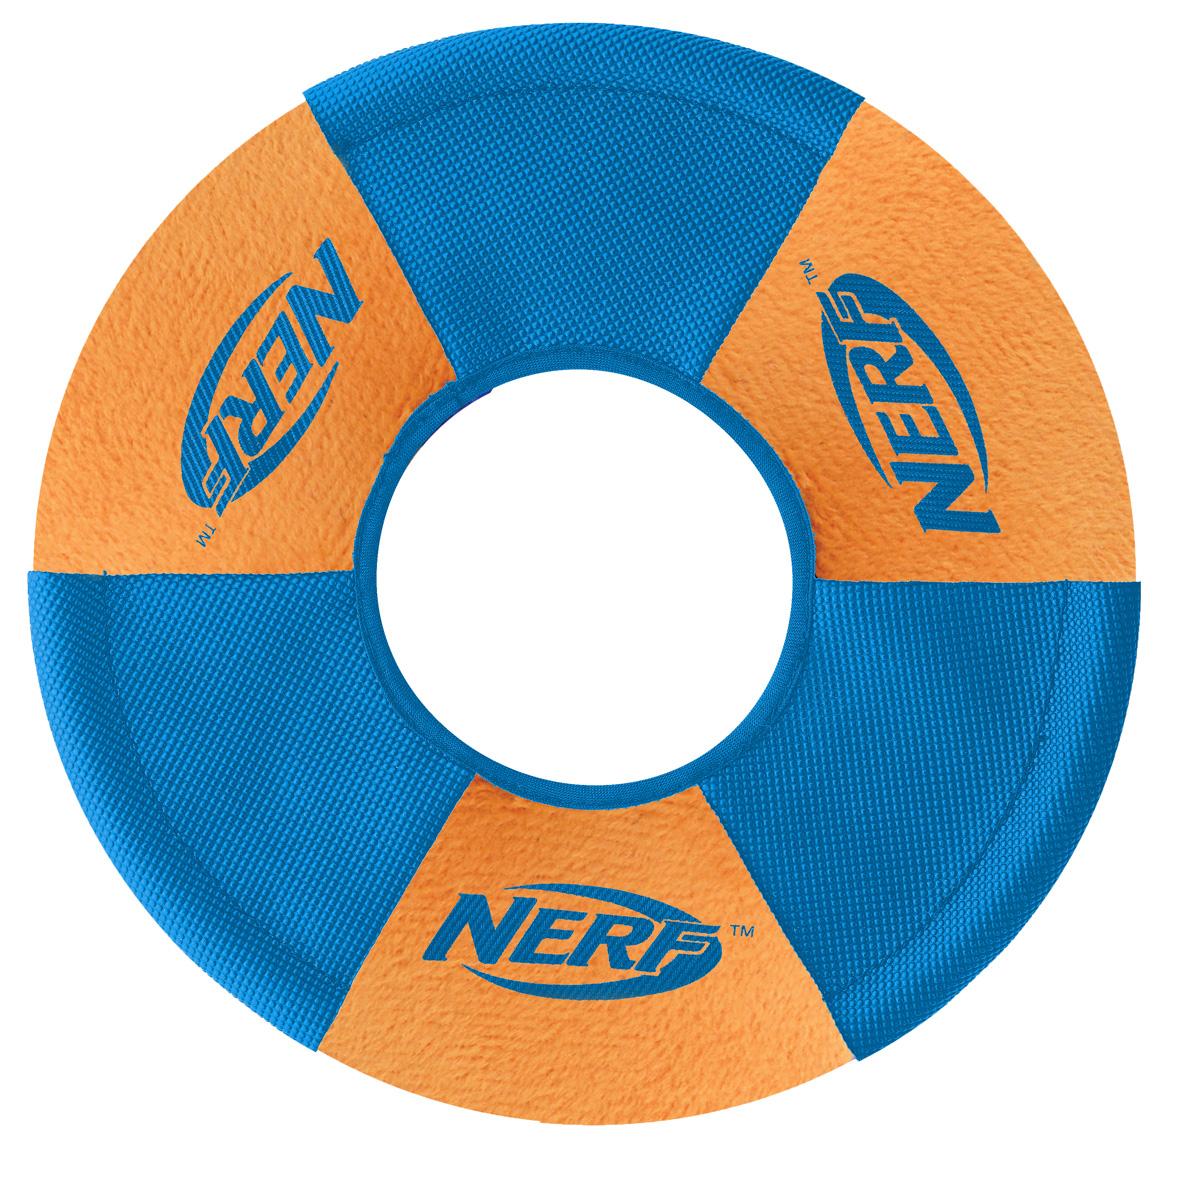 Игрушка для собак Nerf Диск для фрисби, плюшевый, 22,5 см22552Летающая тарелка-фрисби –это удивительный спортивный снаряд, с которым не придется скучать! Кроме великолепных лётных качеств, диск безопасен для собачьих зубов и десен! Ультра мягкие плюшевые панели с прочными резиновыми покрытием из нейлона панелей! Оптимален для активных игр на свежем воздухе! Диаметр: 22,5 см.